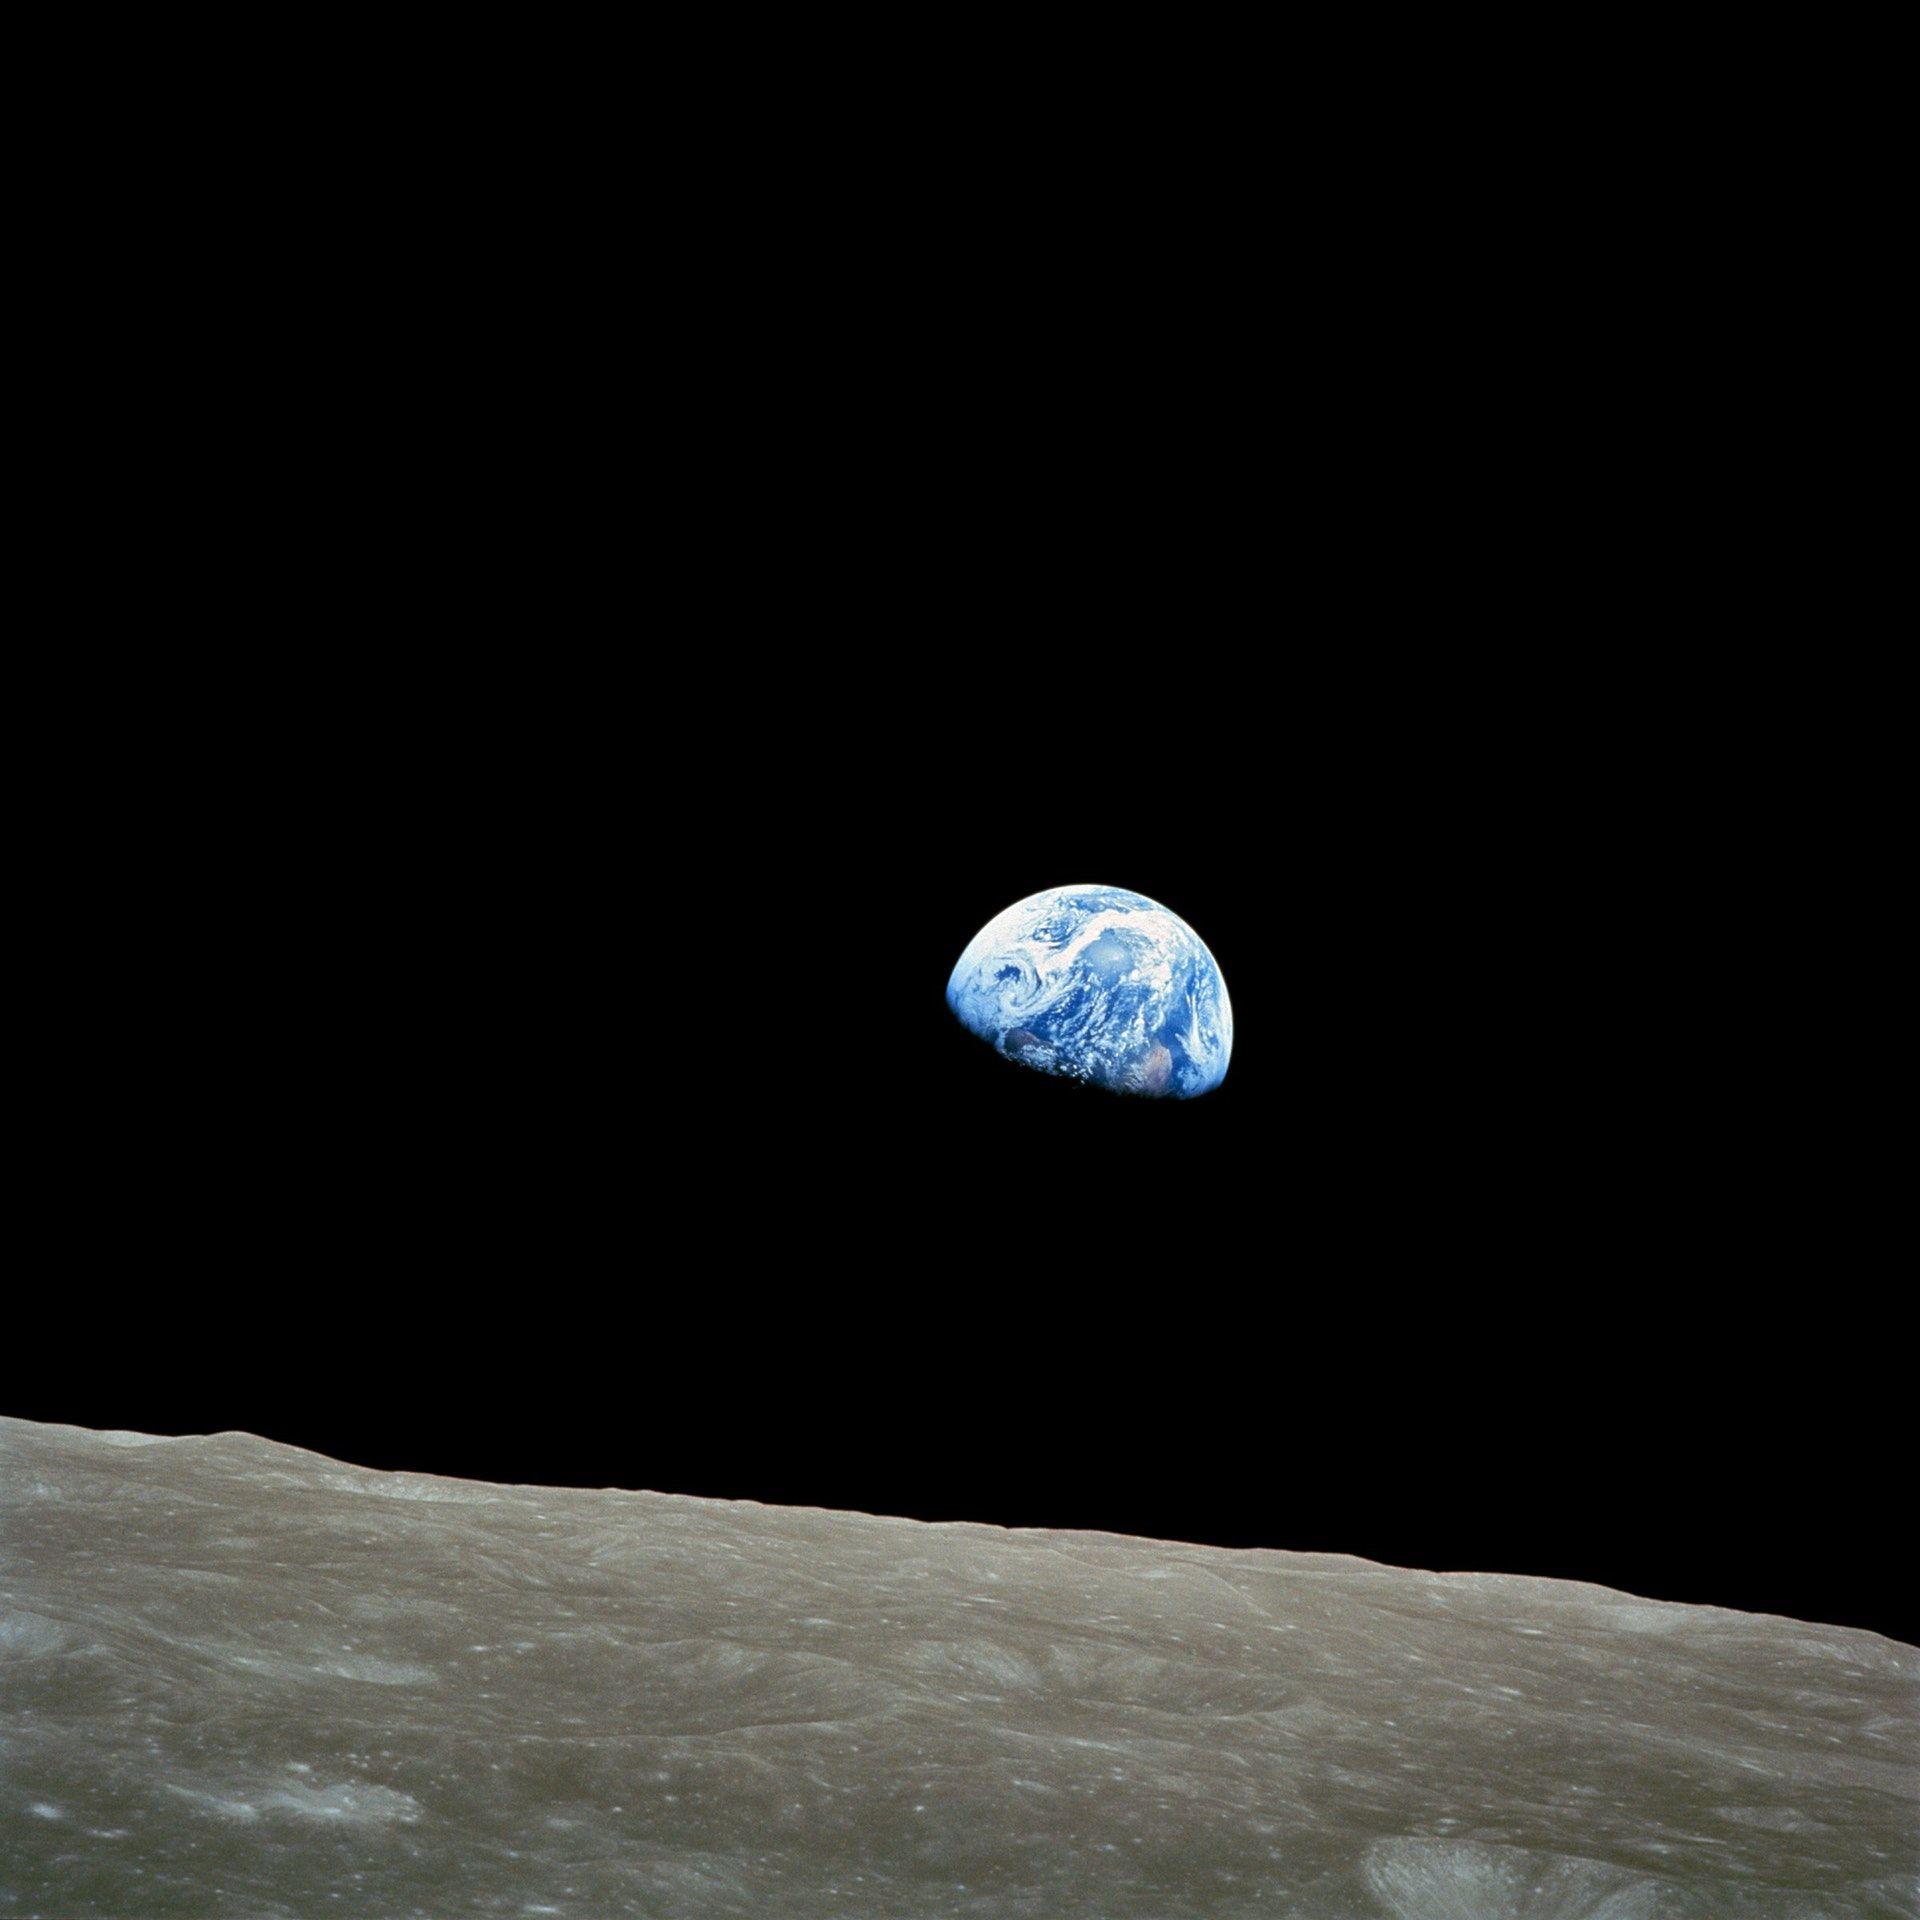 عکس زمینه نمای سیاره زمین از کره ماه پس زمینه